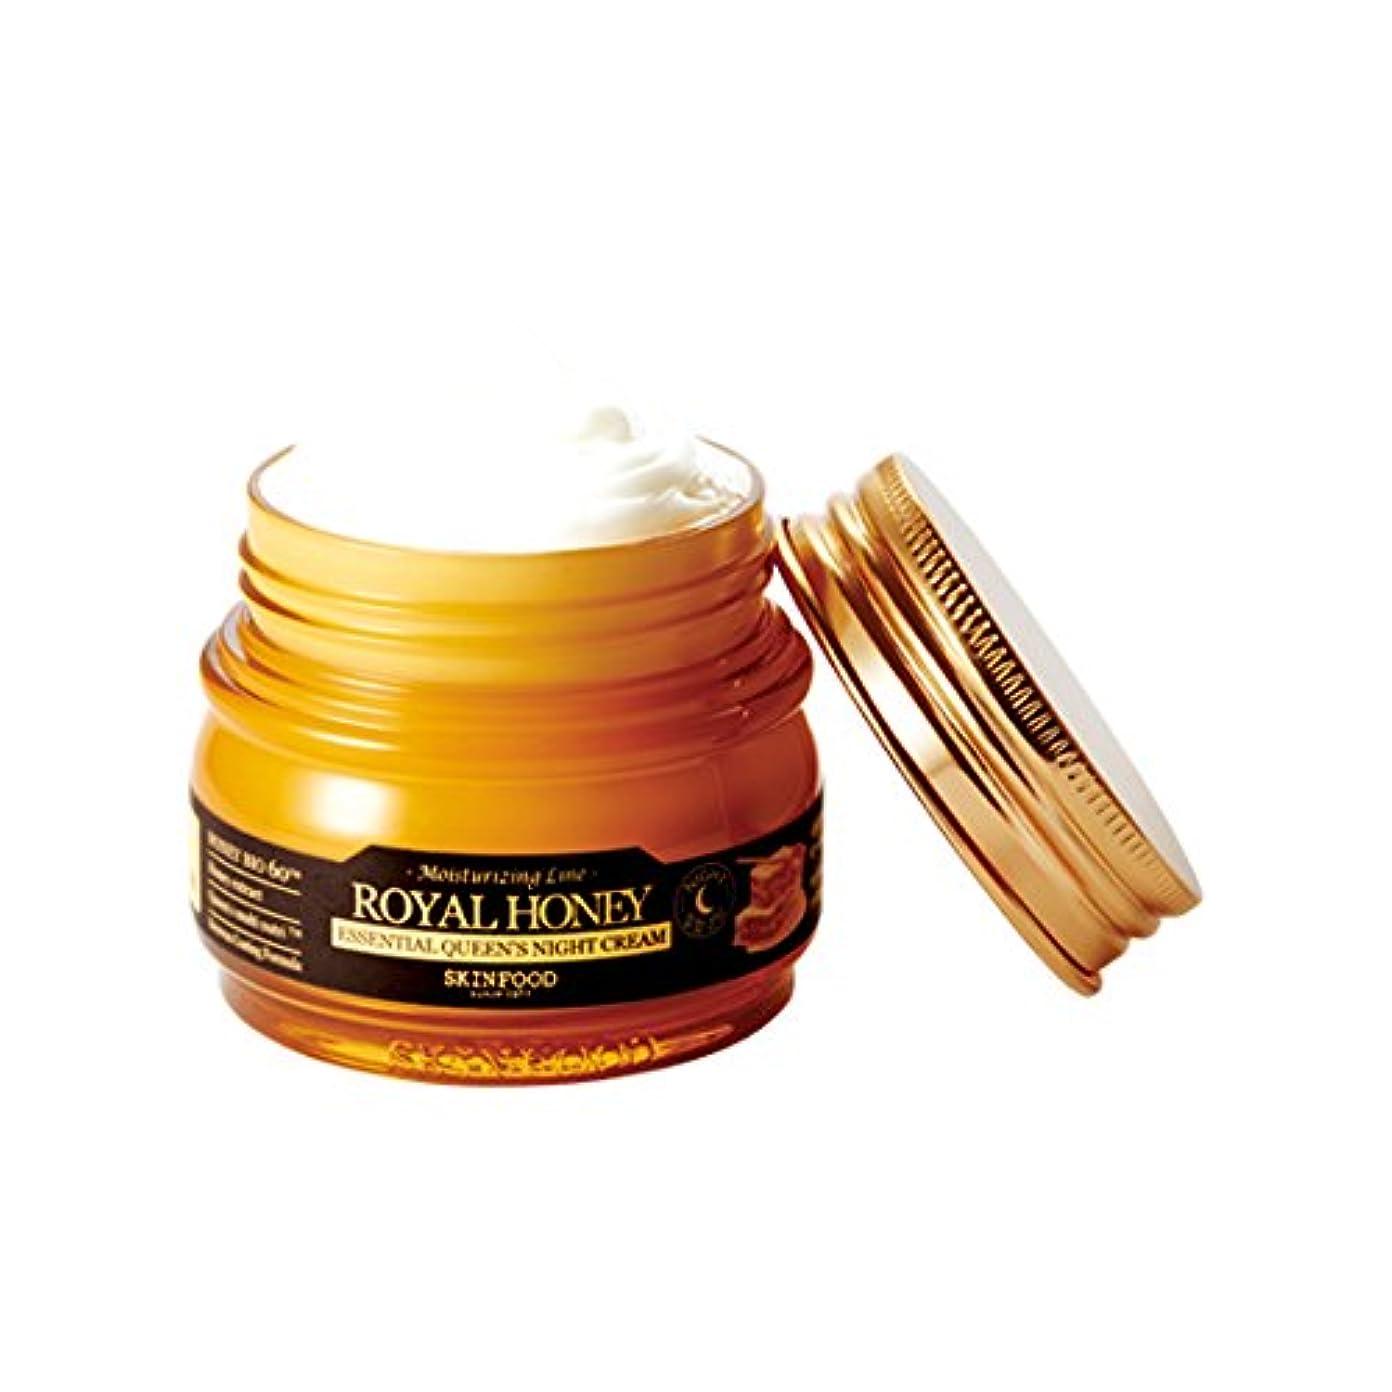 折り目影のある一月SKINFOOD Royal Honey Essential Queen's Night Cream 63ml / スキンフード ロイヤルハニーエッセンシャルクイーンズナイトクリーム 63ml [並行輸入品]